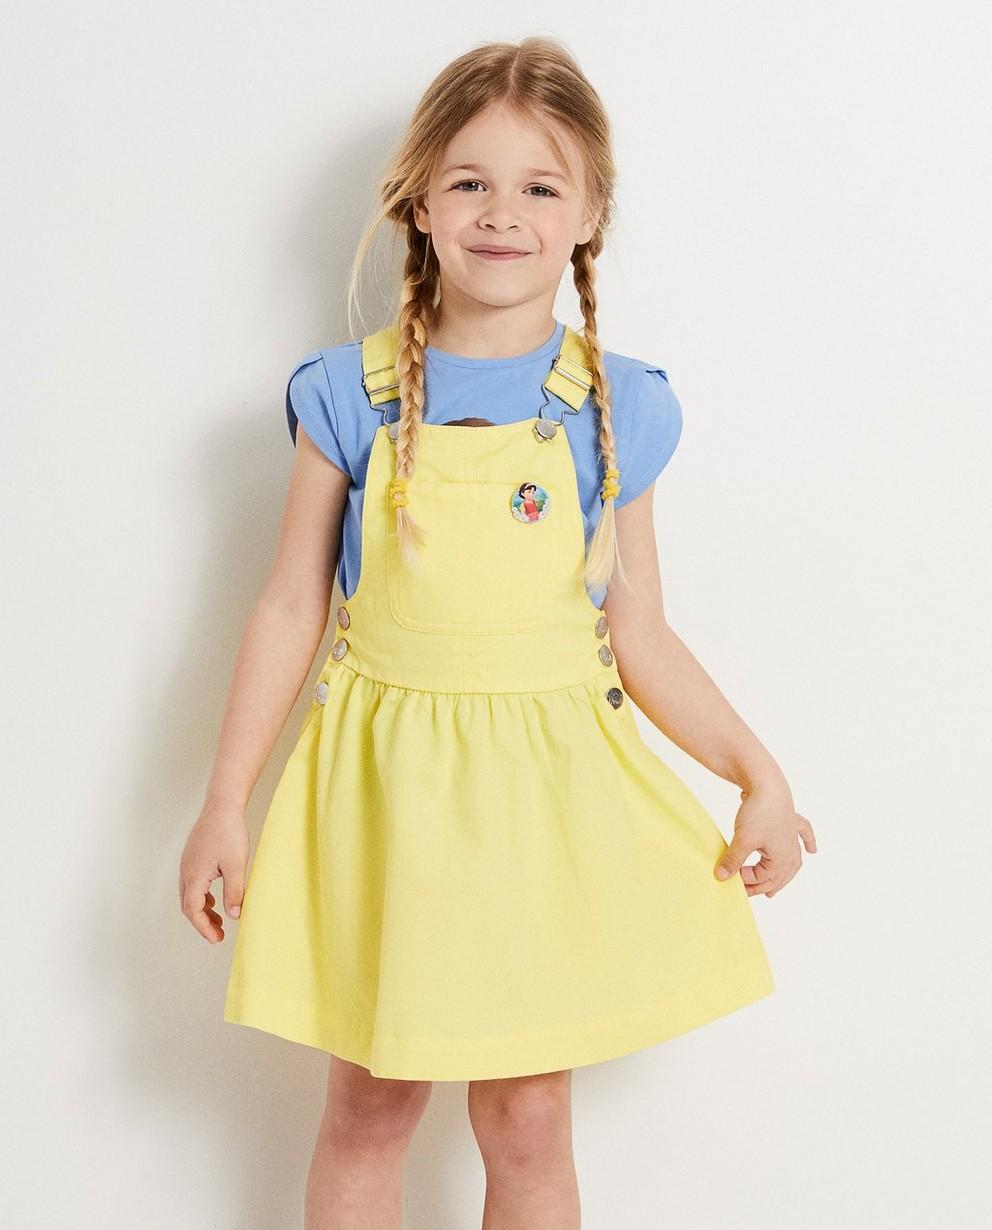 Kleedjes - GLM - Gele salopettejurk Heidi